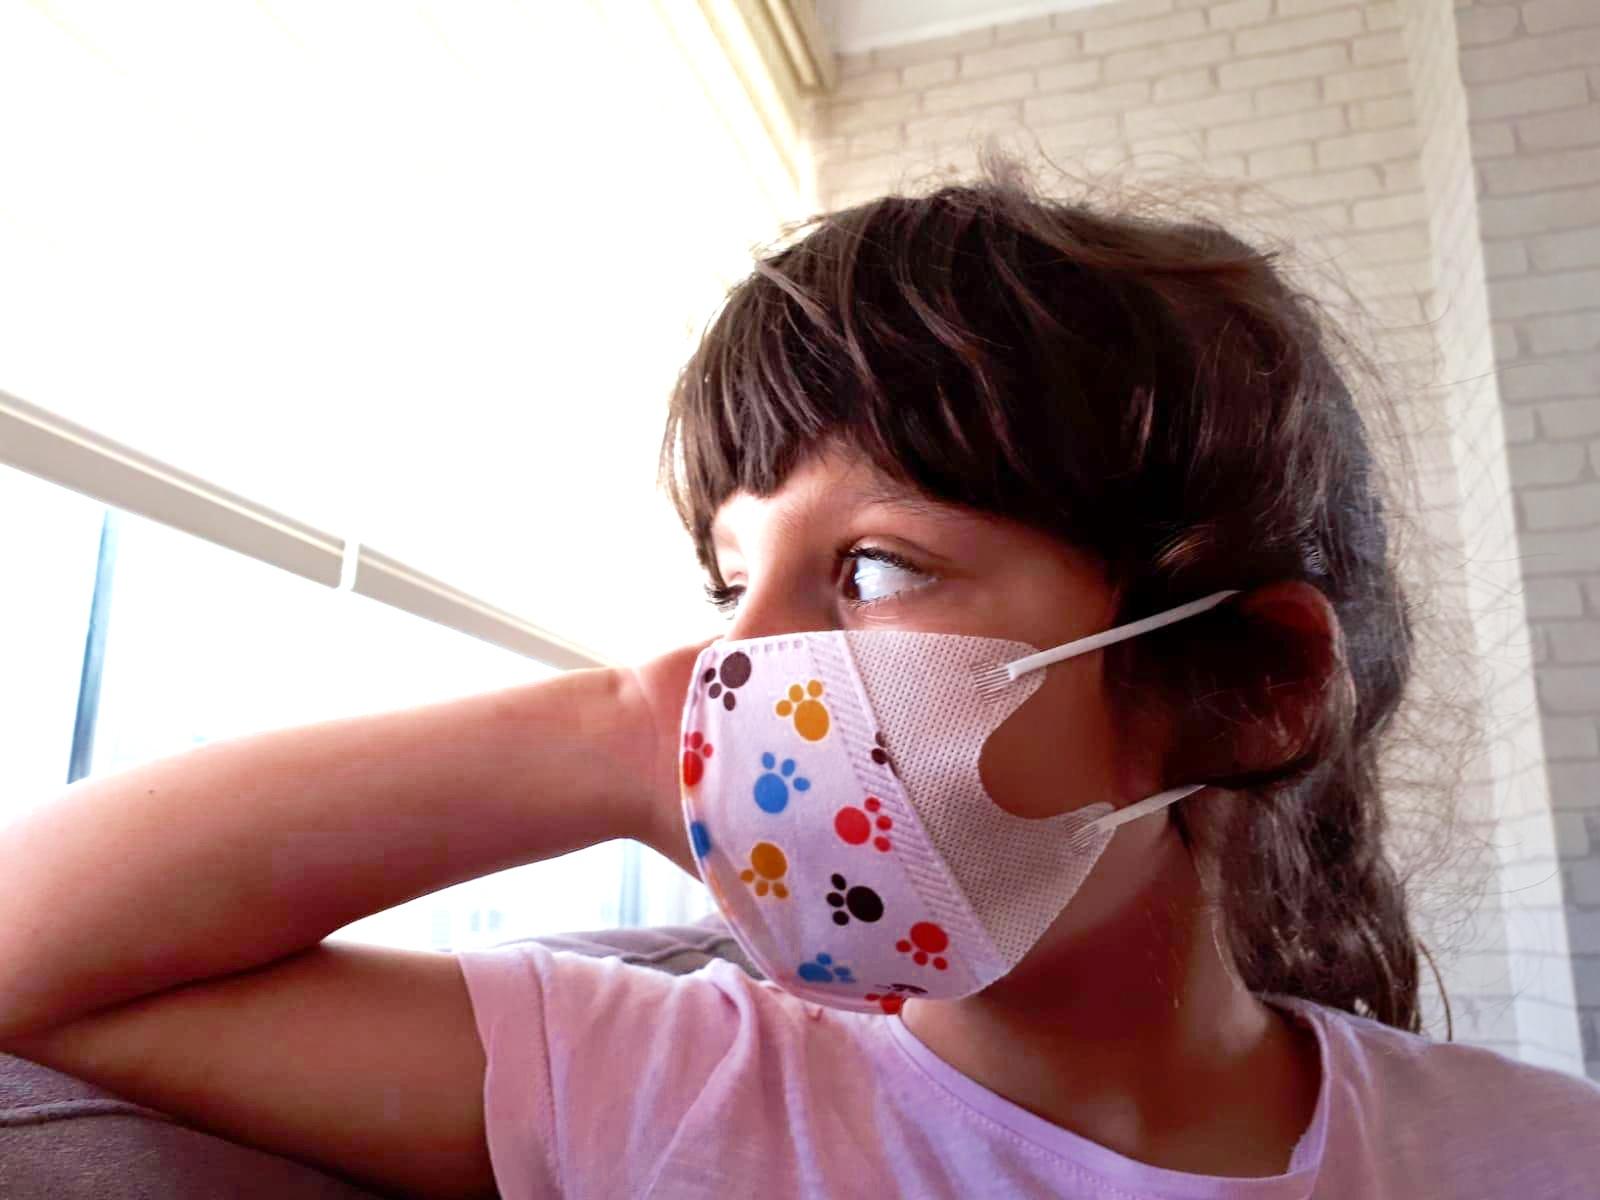 LAURA D'OLIMPIO / Felsefe Çocukların Belirsizliklerle Başa Çıkmasına Nasıl Yardımcı Olabilir?